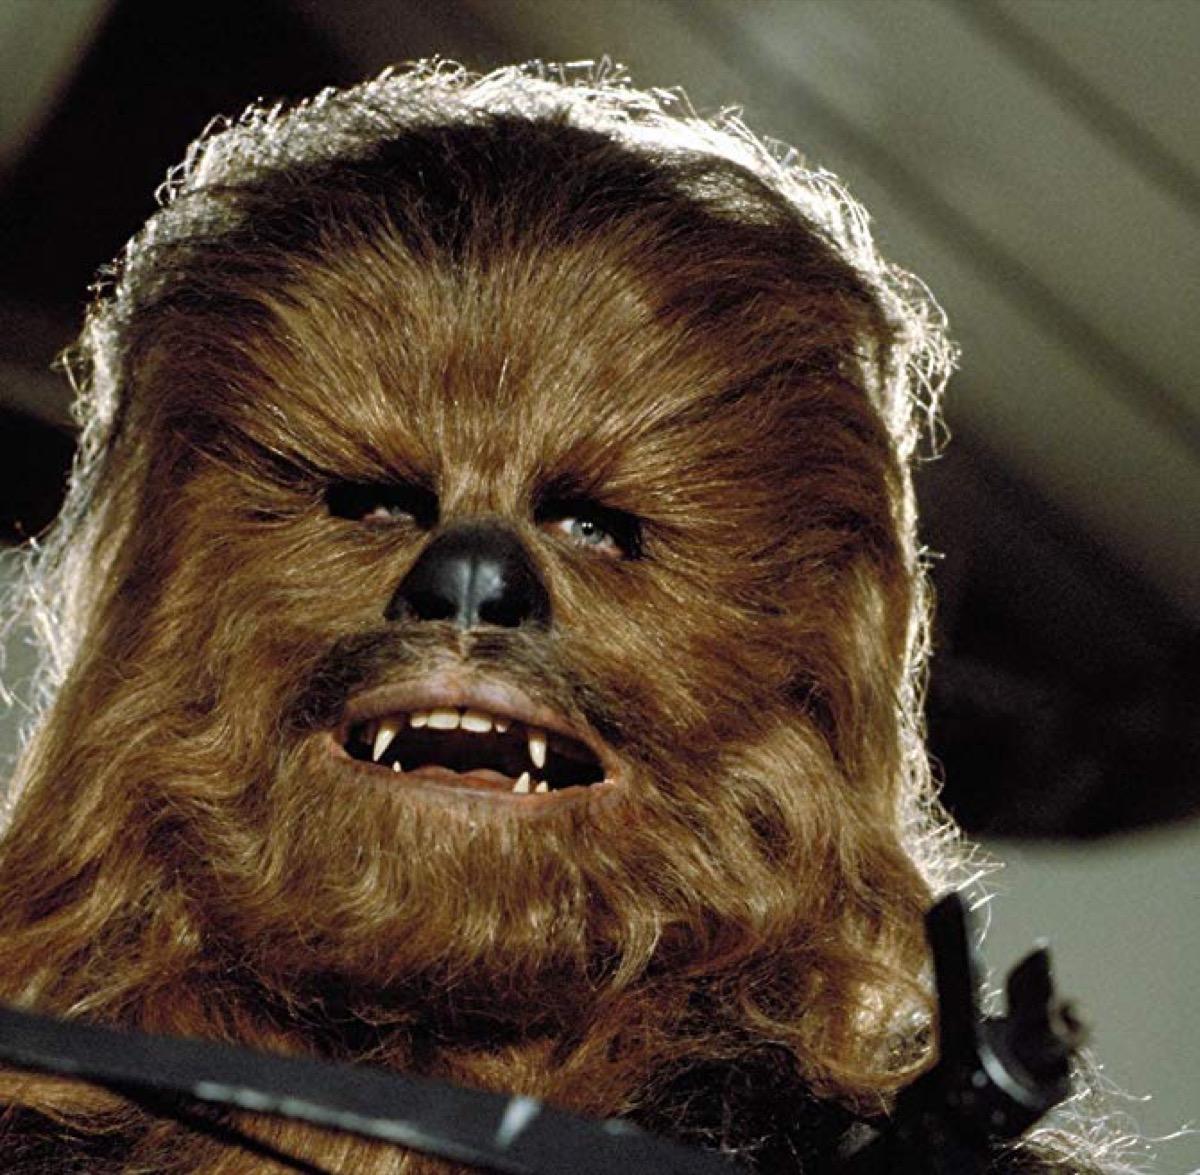 Chewbacca Return of the Jedi